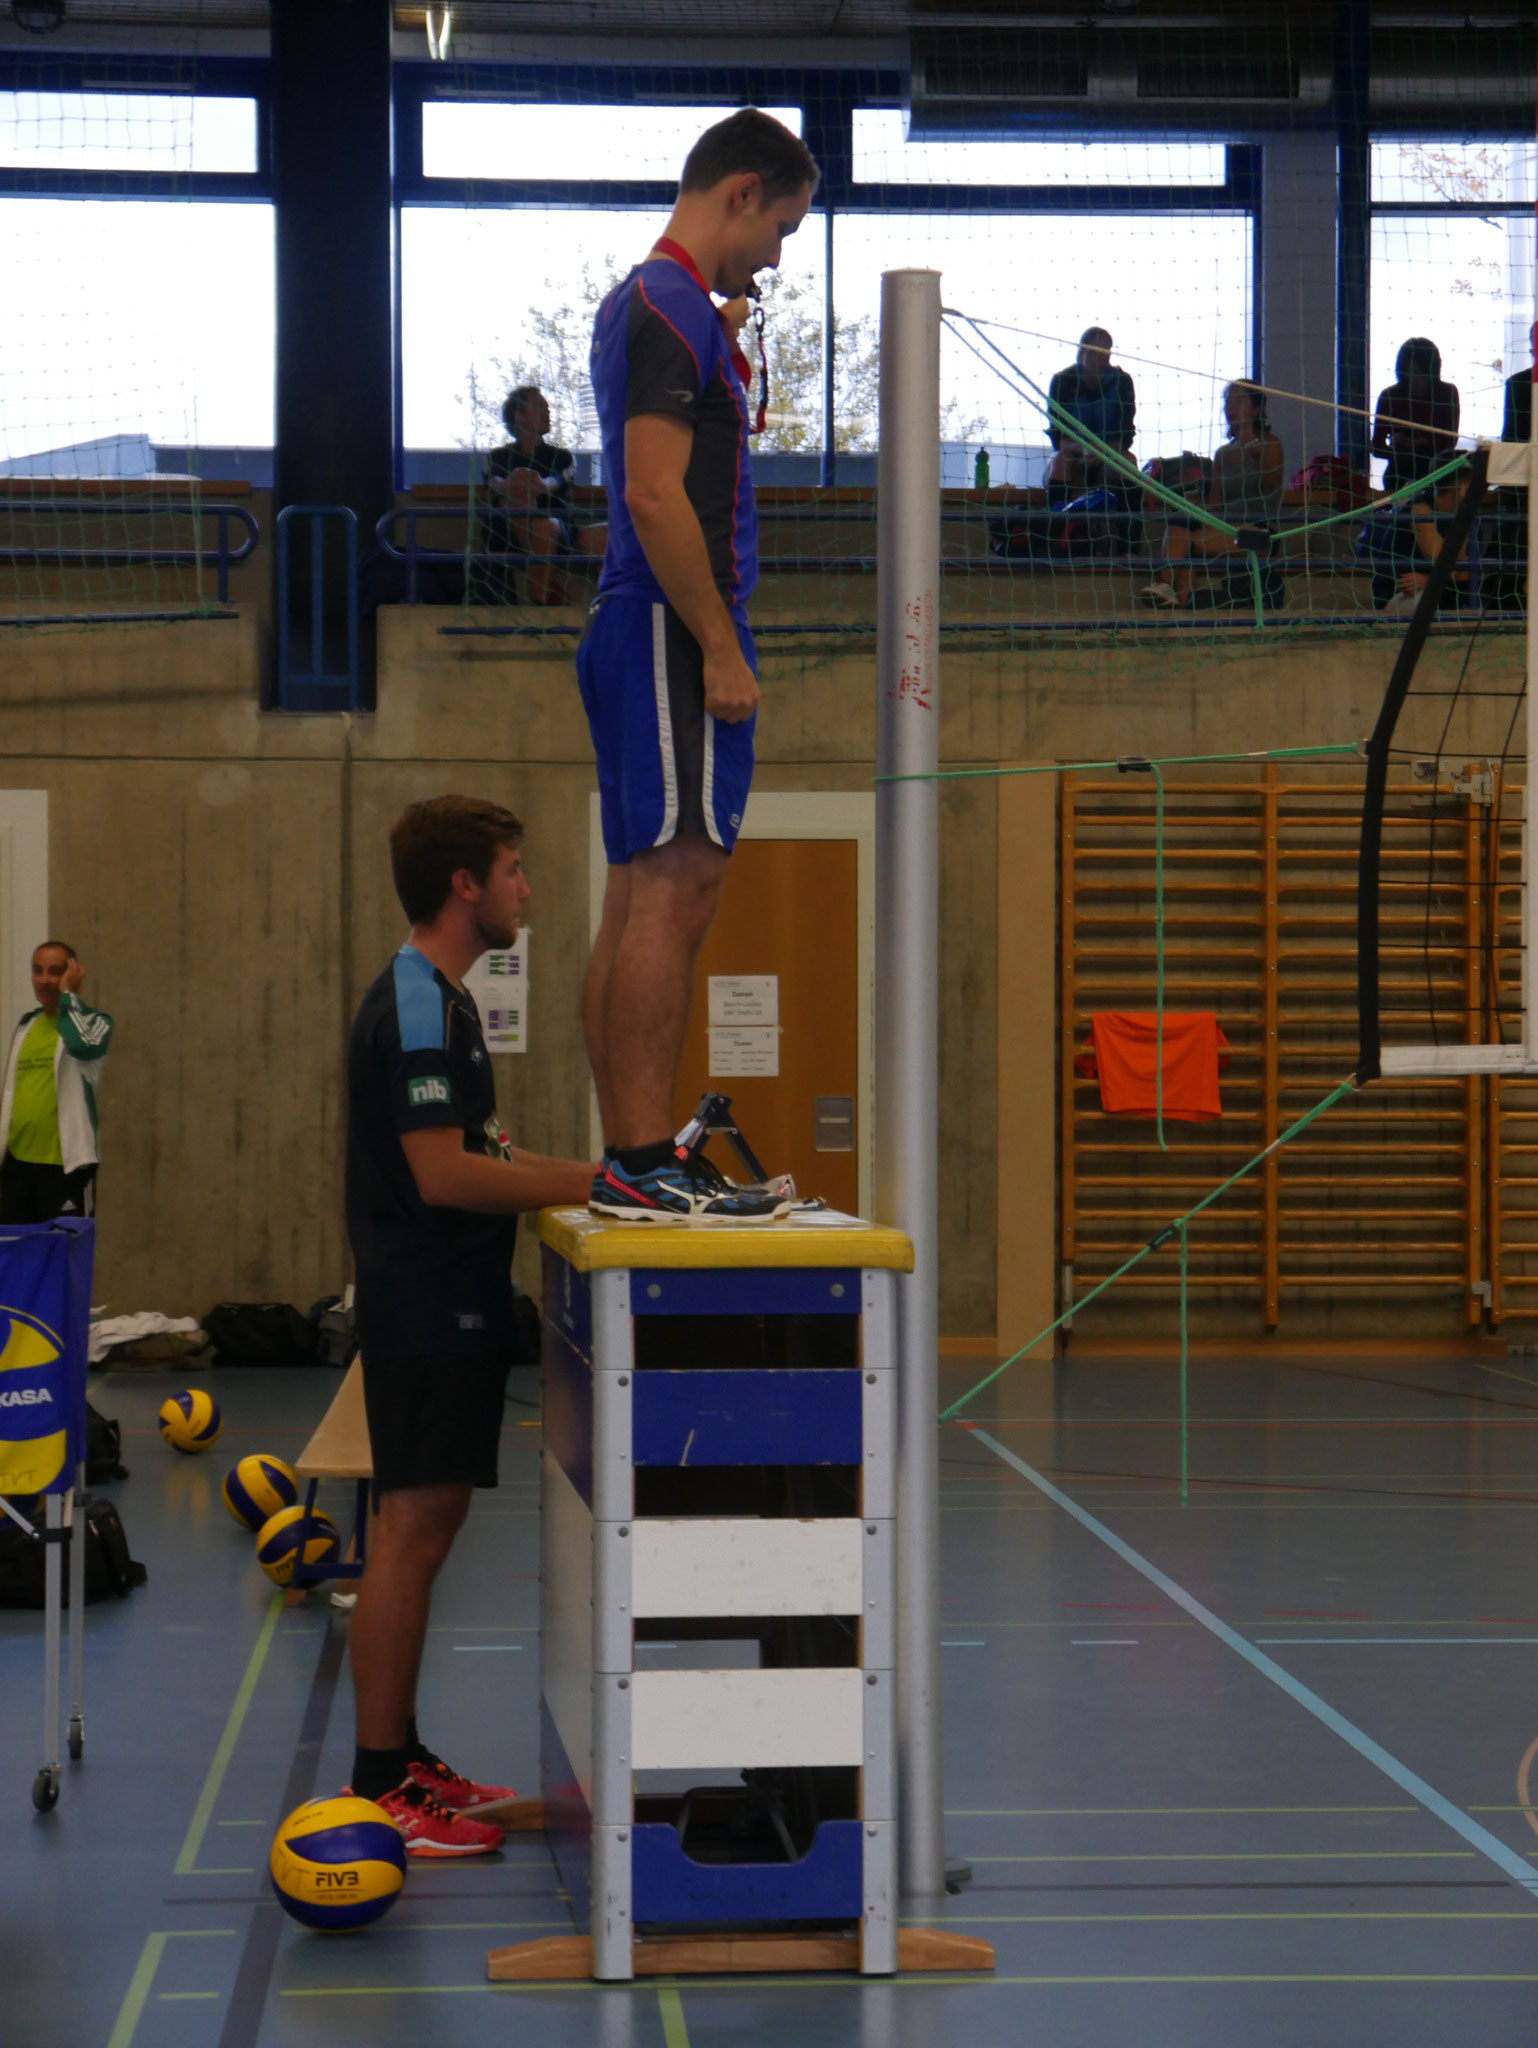 Auch die Spiele souverän pfeifen muss man am Volley-Open Thalwil.